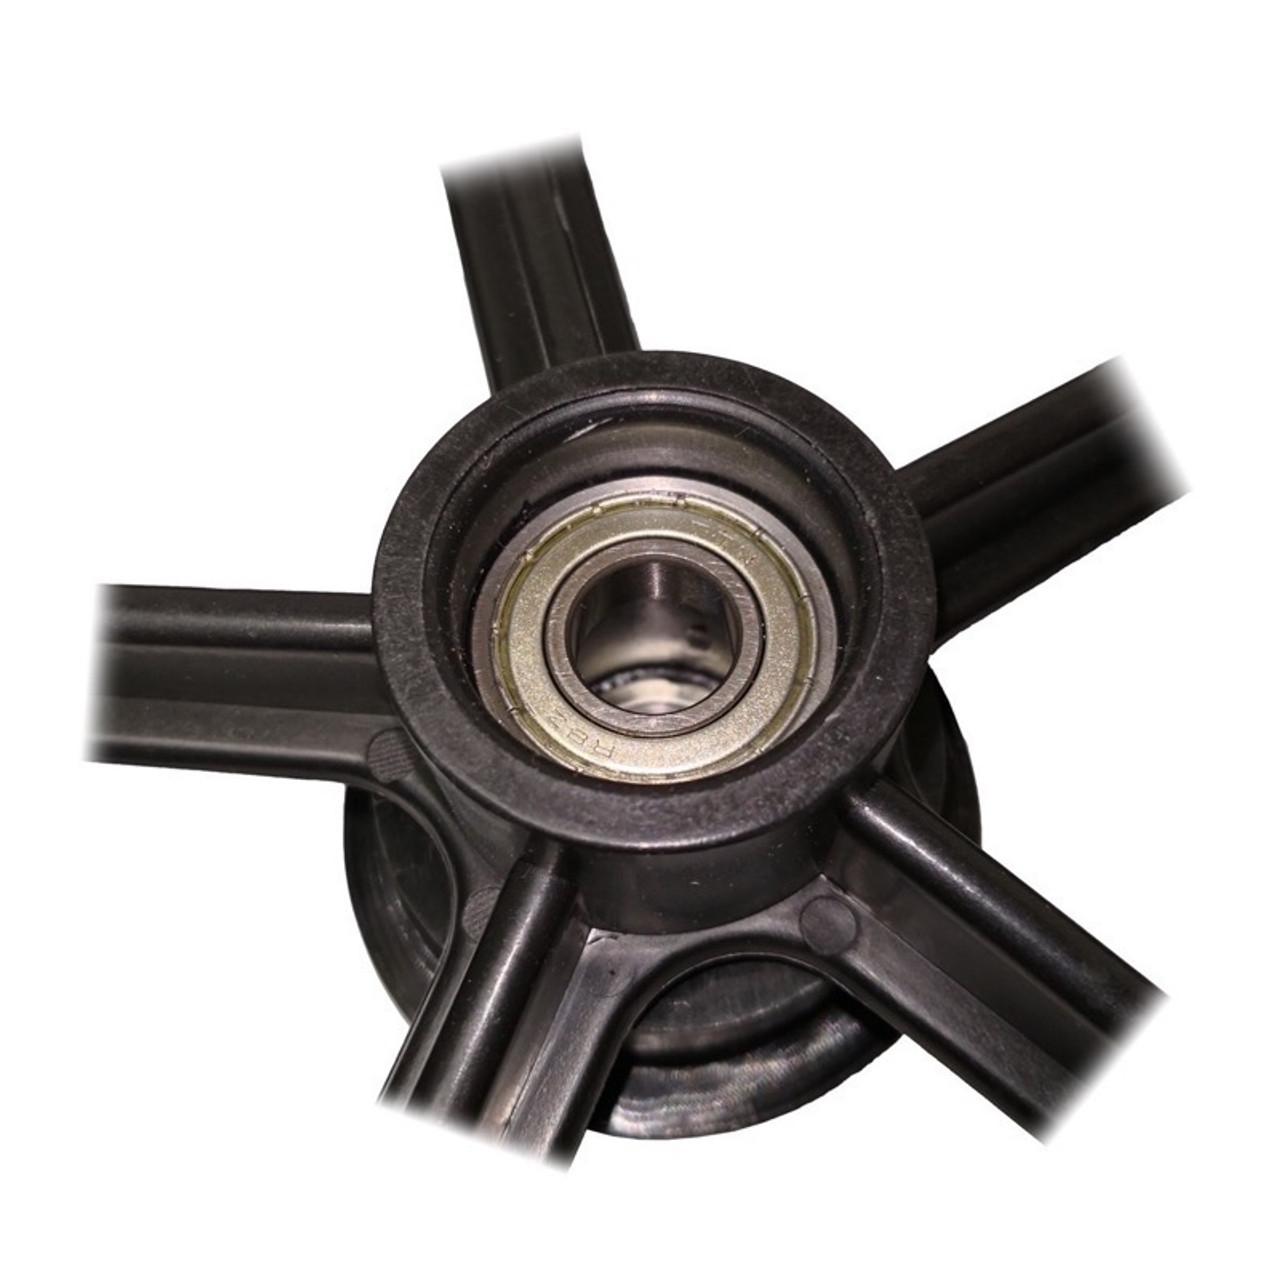 Phil&Teds / Mountain Buggy - Wheel Bearings Set - Pram models 2010 on